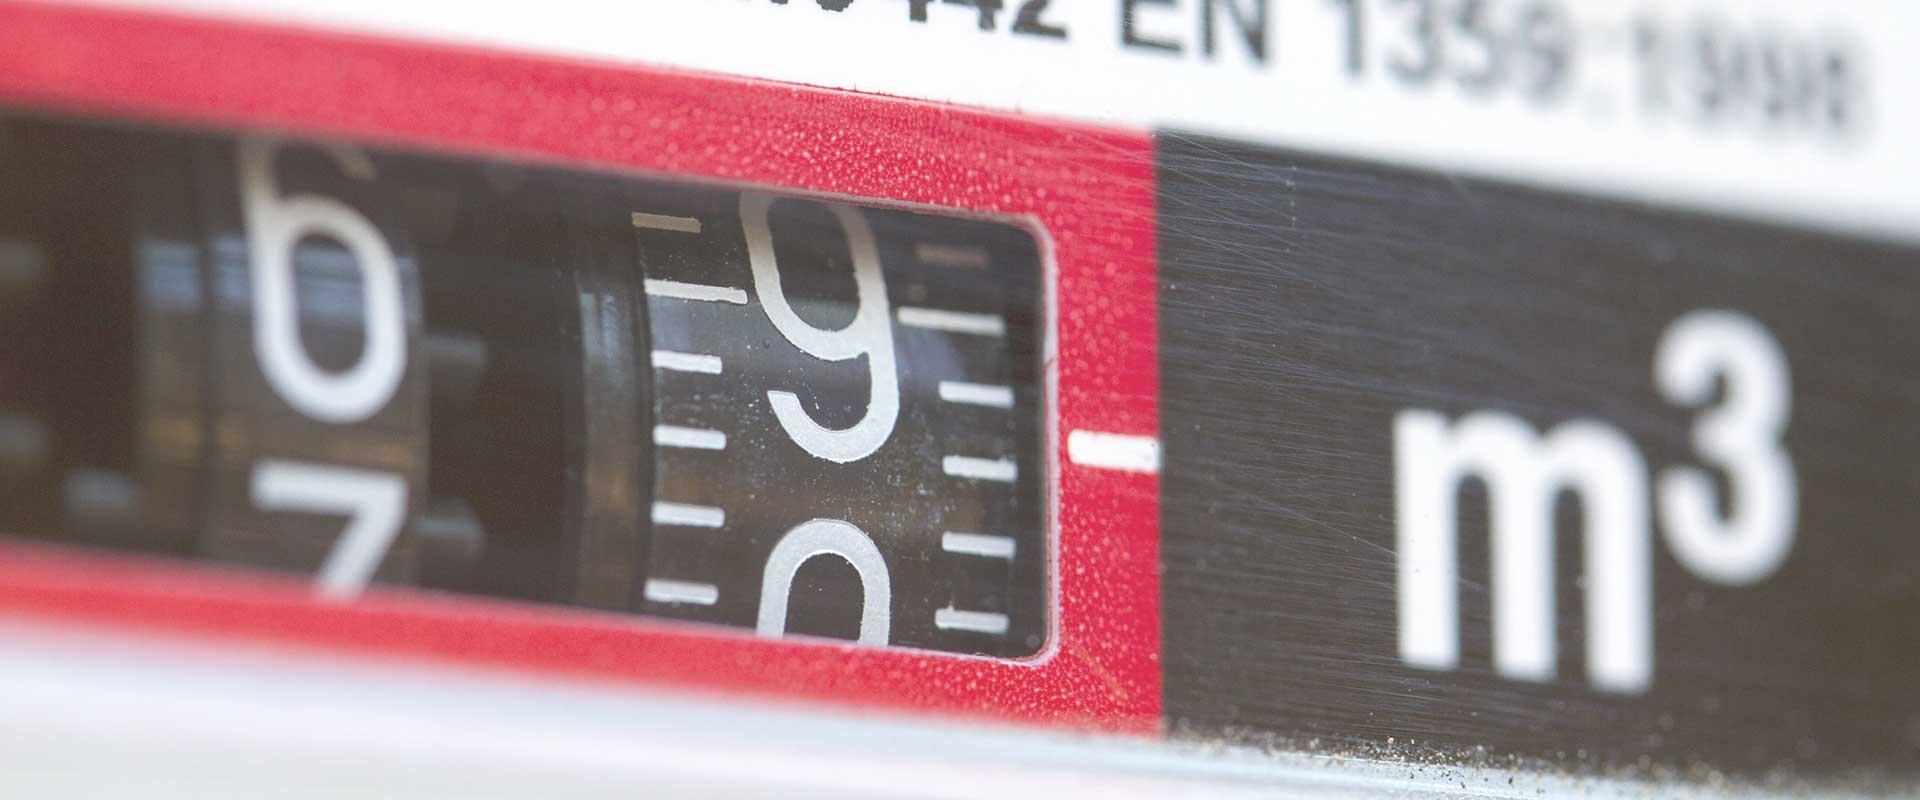 metering homepage slider